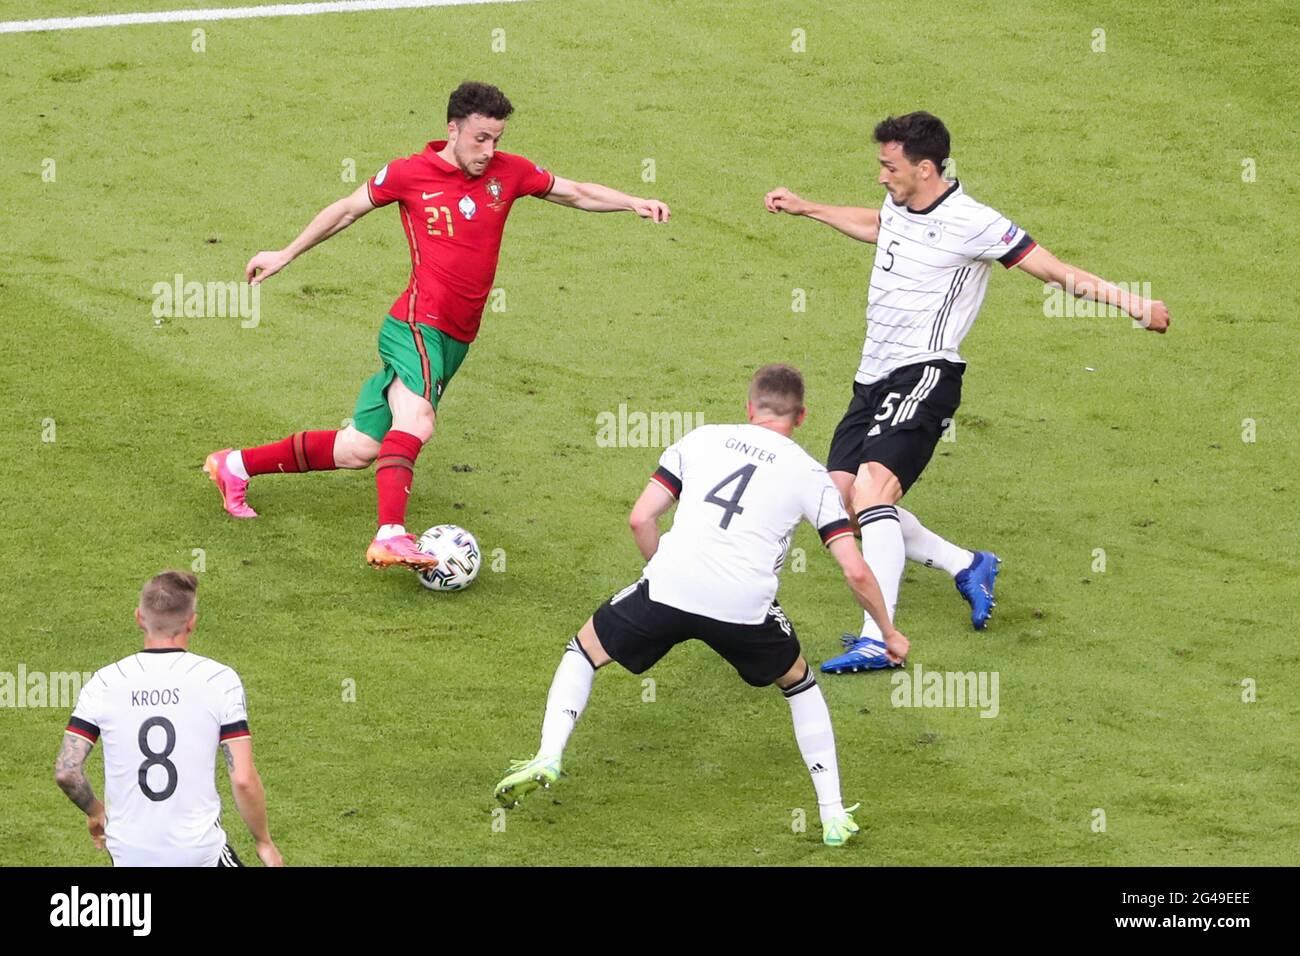 Munich, Allemagne. 19 juin 2021. Diogo Jota (haut L) du Portugal traverse la défense de Mats Hummels (haut R) de l'Allemagne lors du championnat de l'UEFA Euro 2020 du Groupe F à Munich, Allemagne, le 19 juin 2021. Credit: Shan Yuqi/Xinhua/Alay Live News Banque D'Images